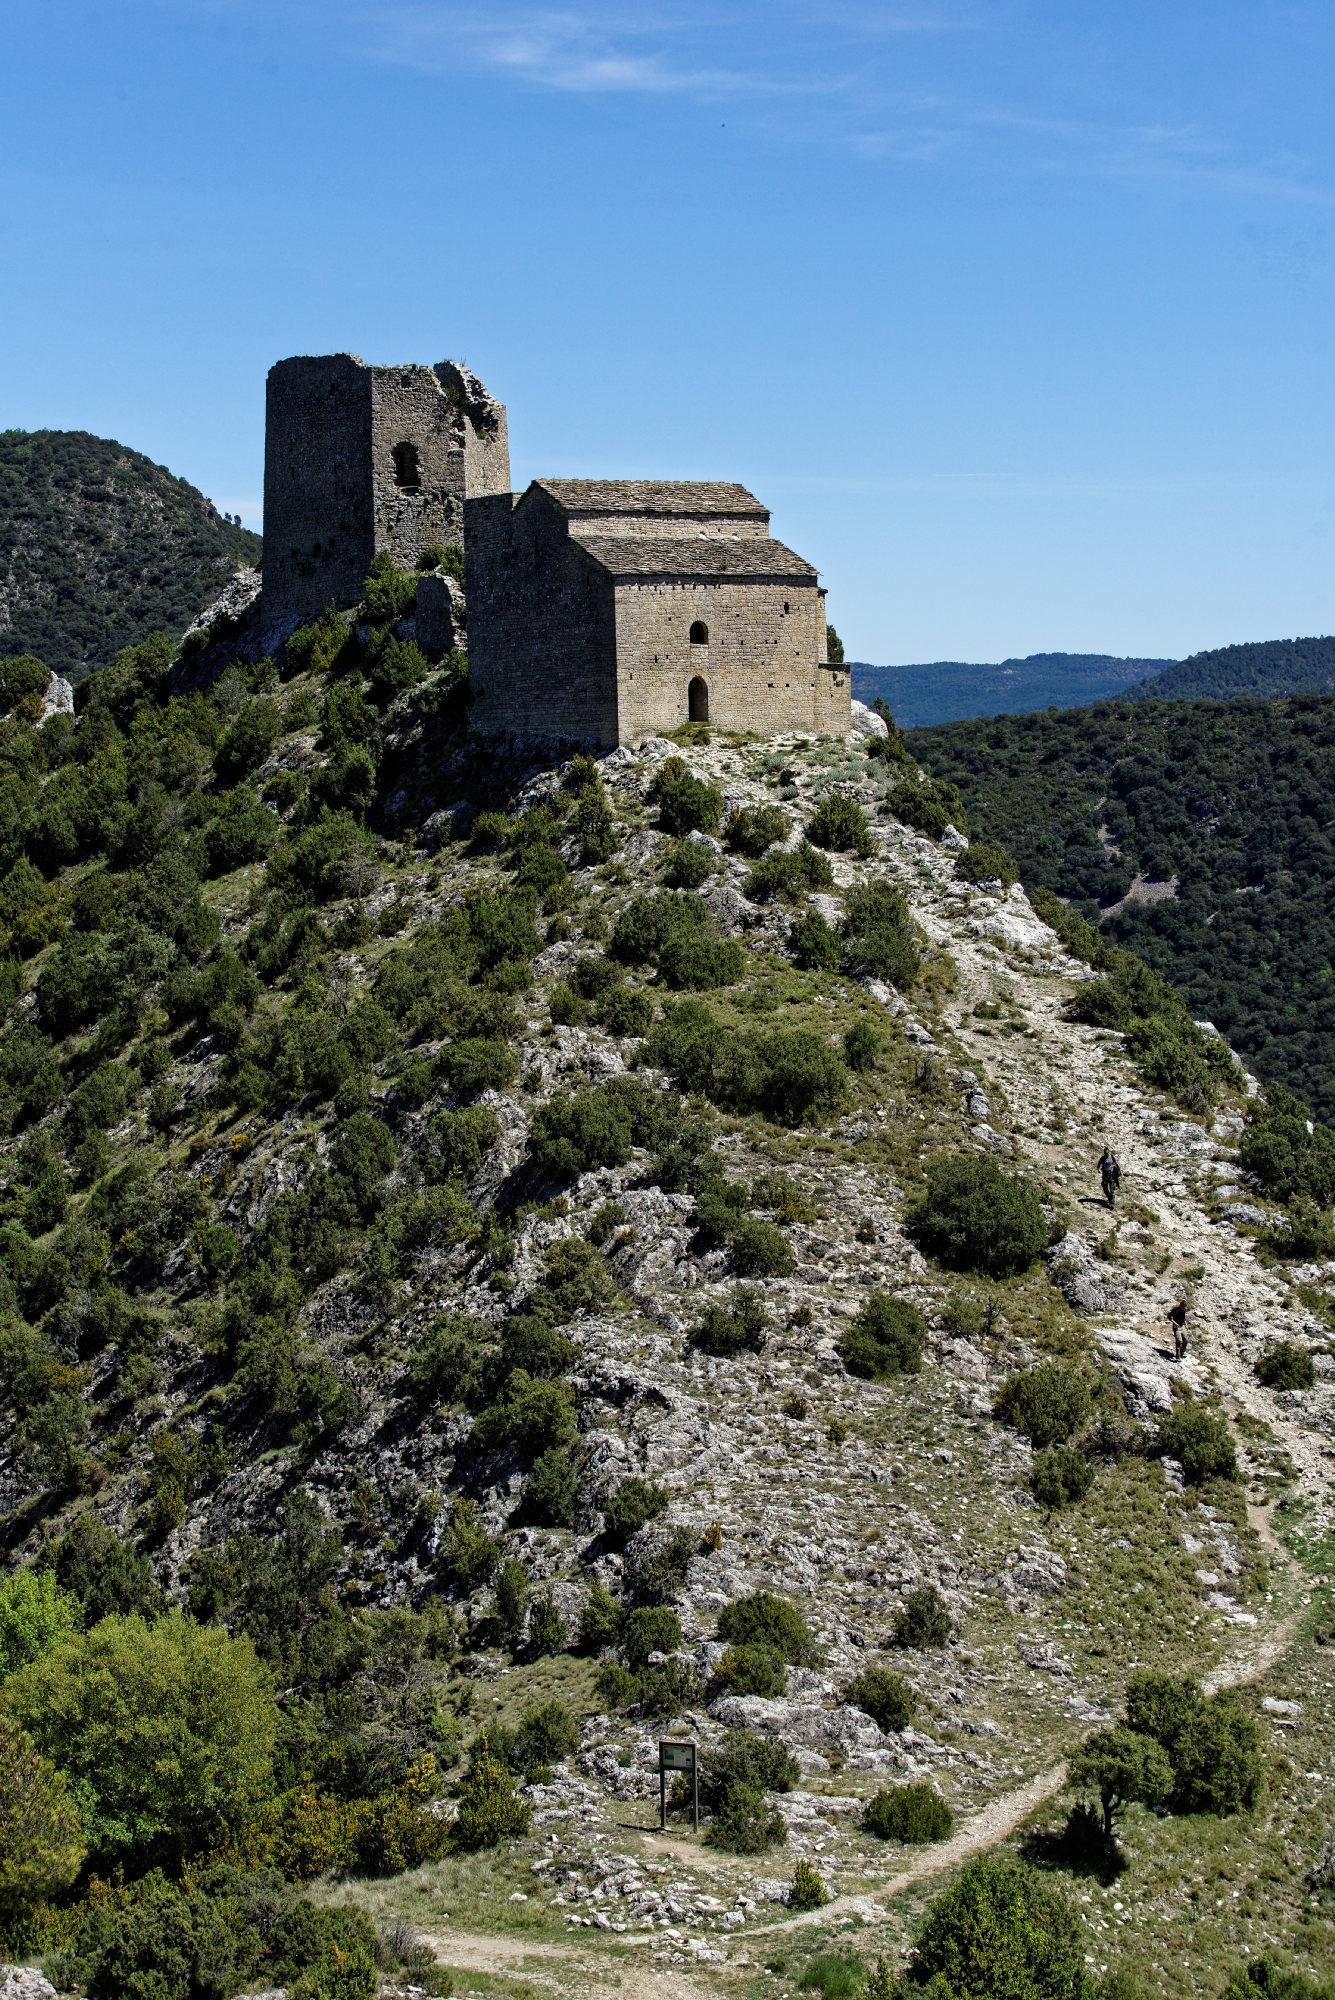 150428-Lac Mediano - Chateau Samitier - Liguerre de Cinca (Sobrarbe) (145)